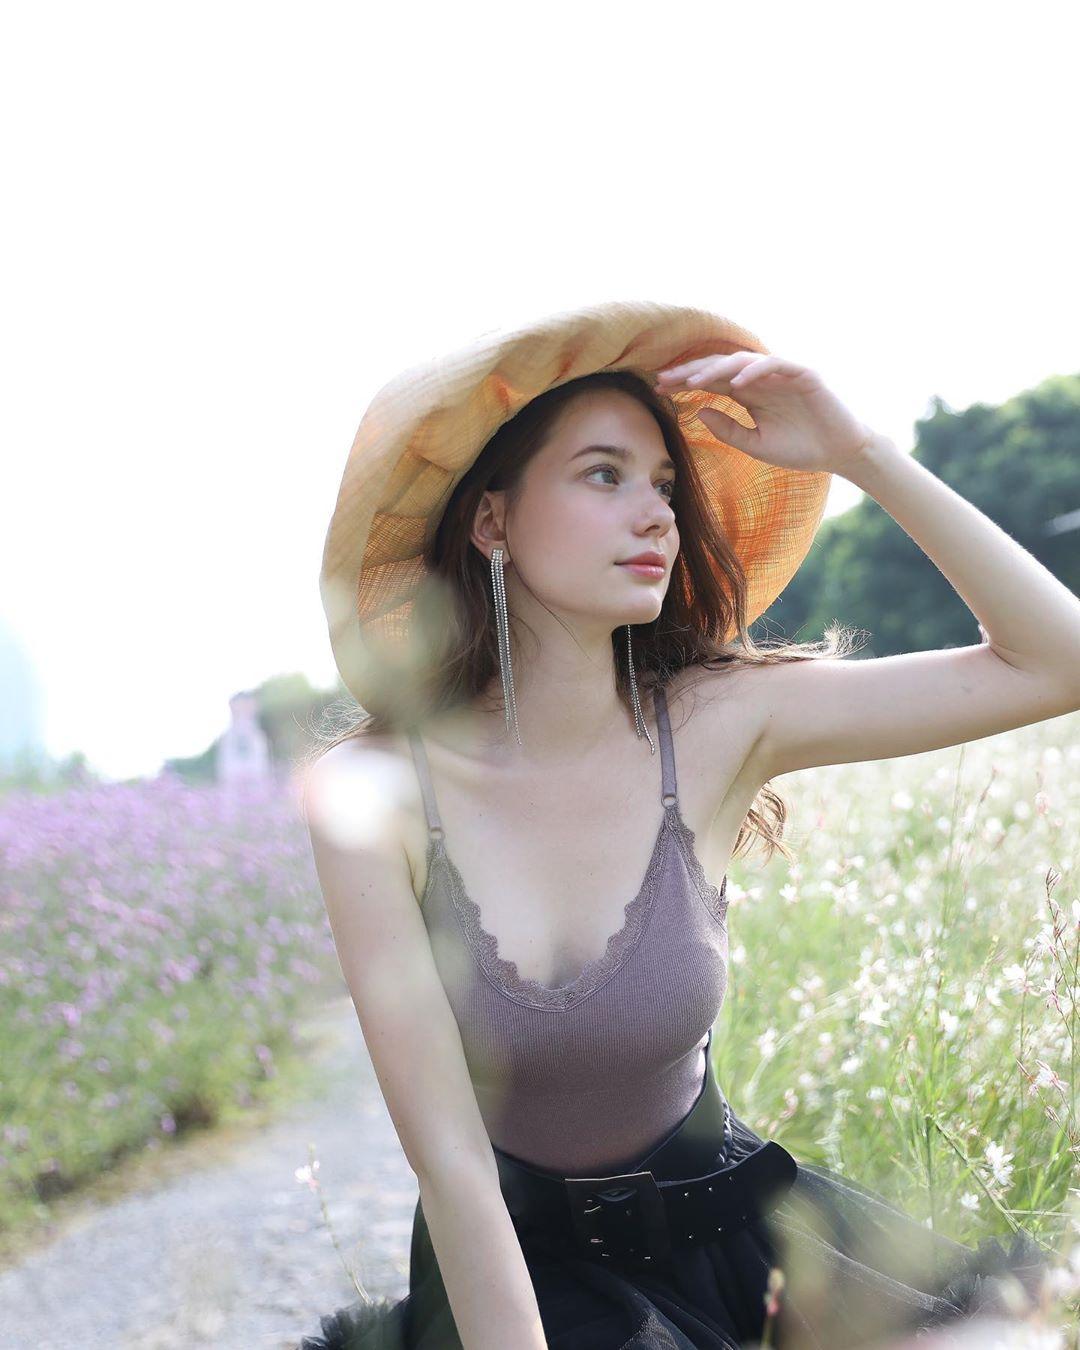 四国混血美女Anastasia Cebulska梦幻颜值惊呆网友 美图 热图3